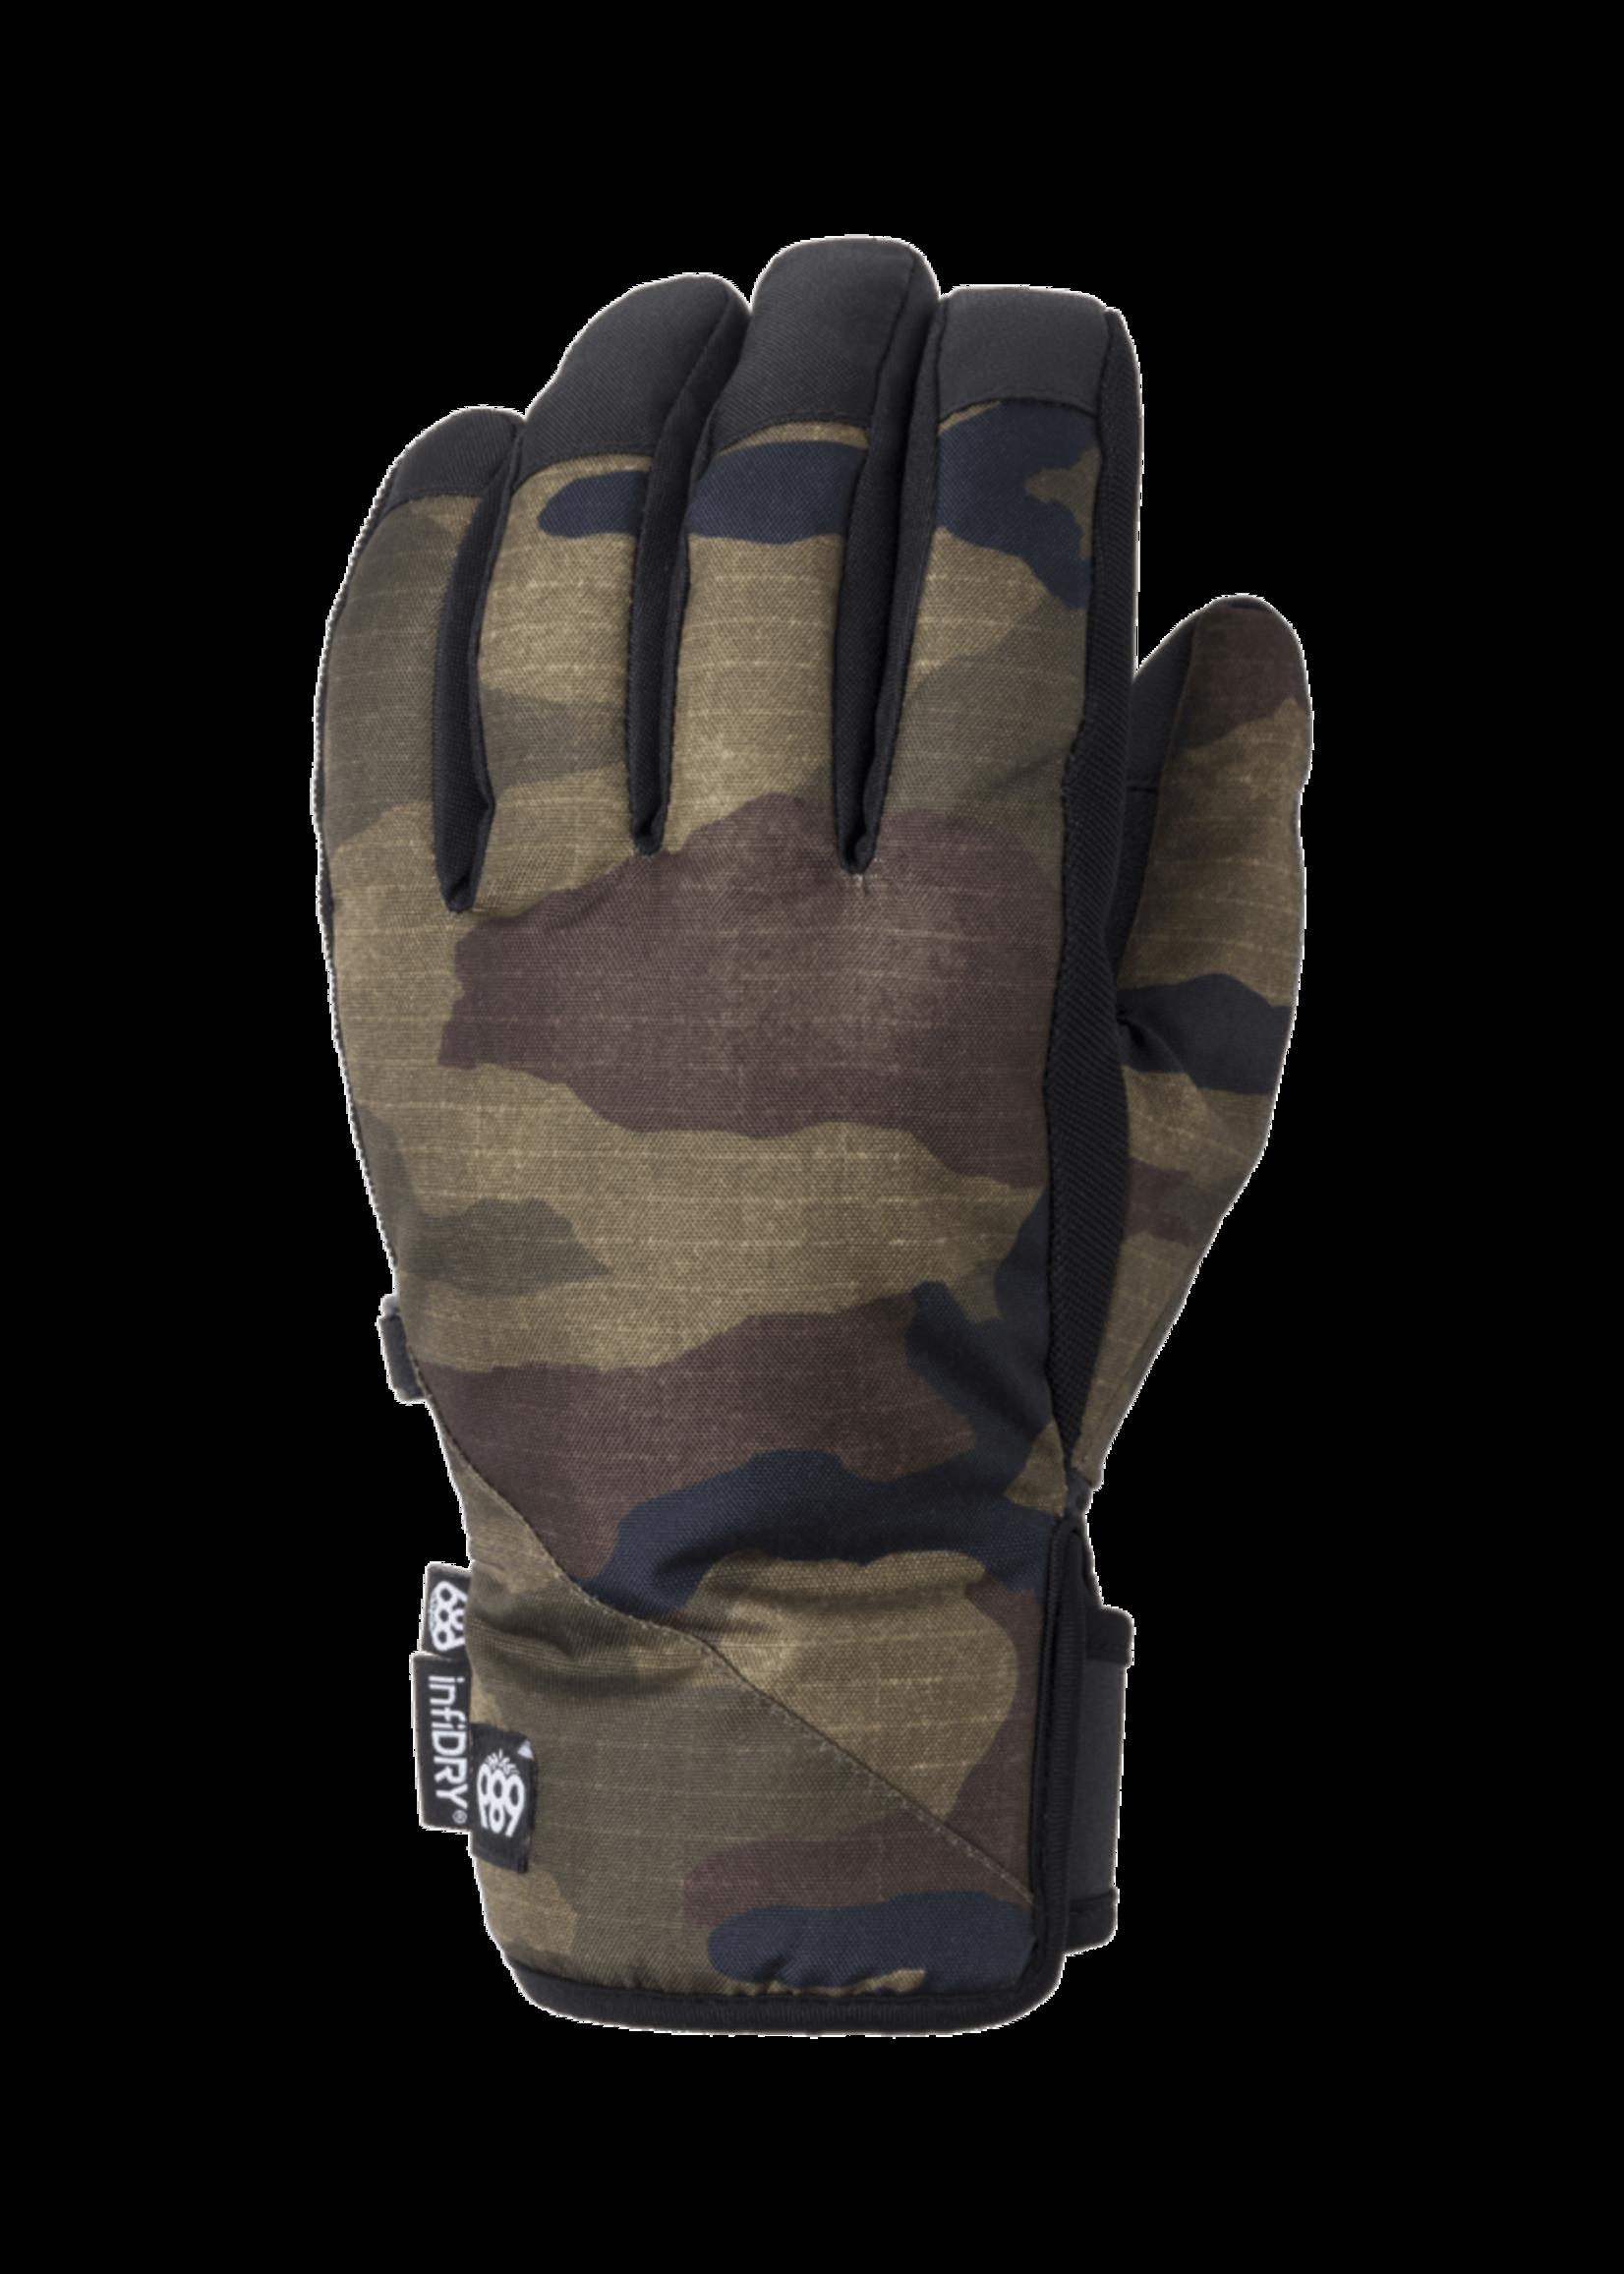 Skull Skate 686 Ruckus Glove